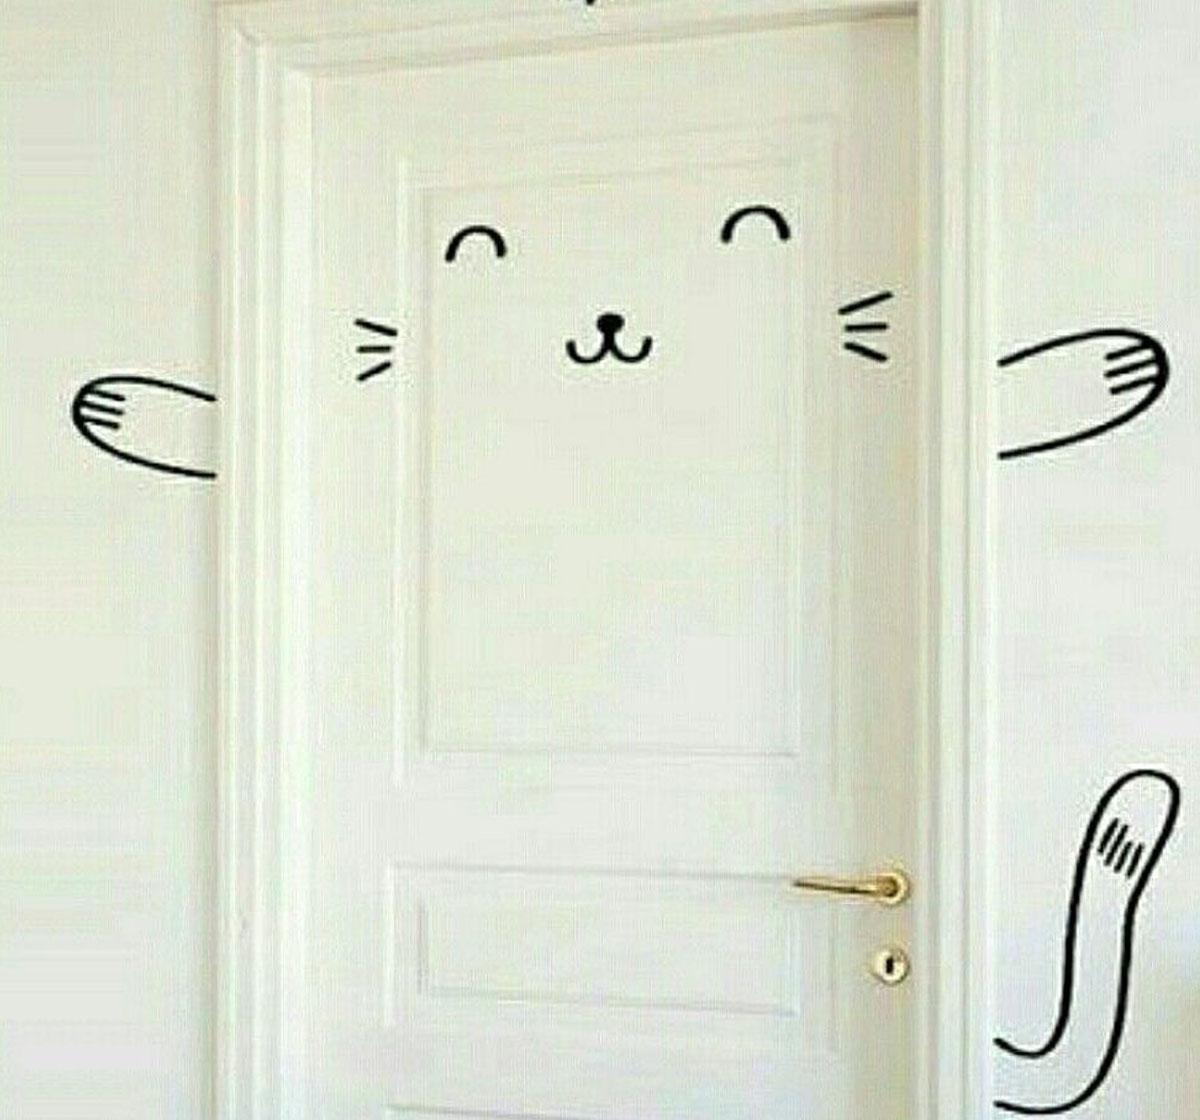 Imagine sfat: Ușa poate fi decorată și în afara foii de ușă